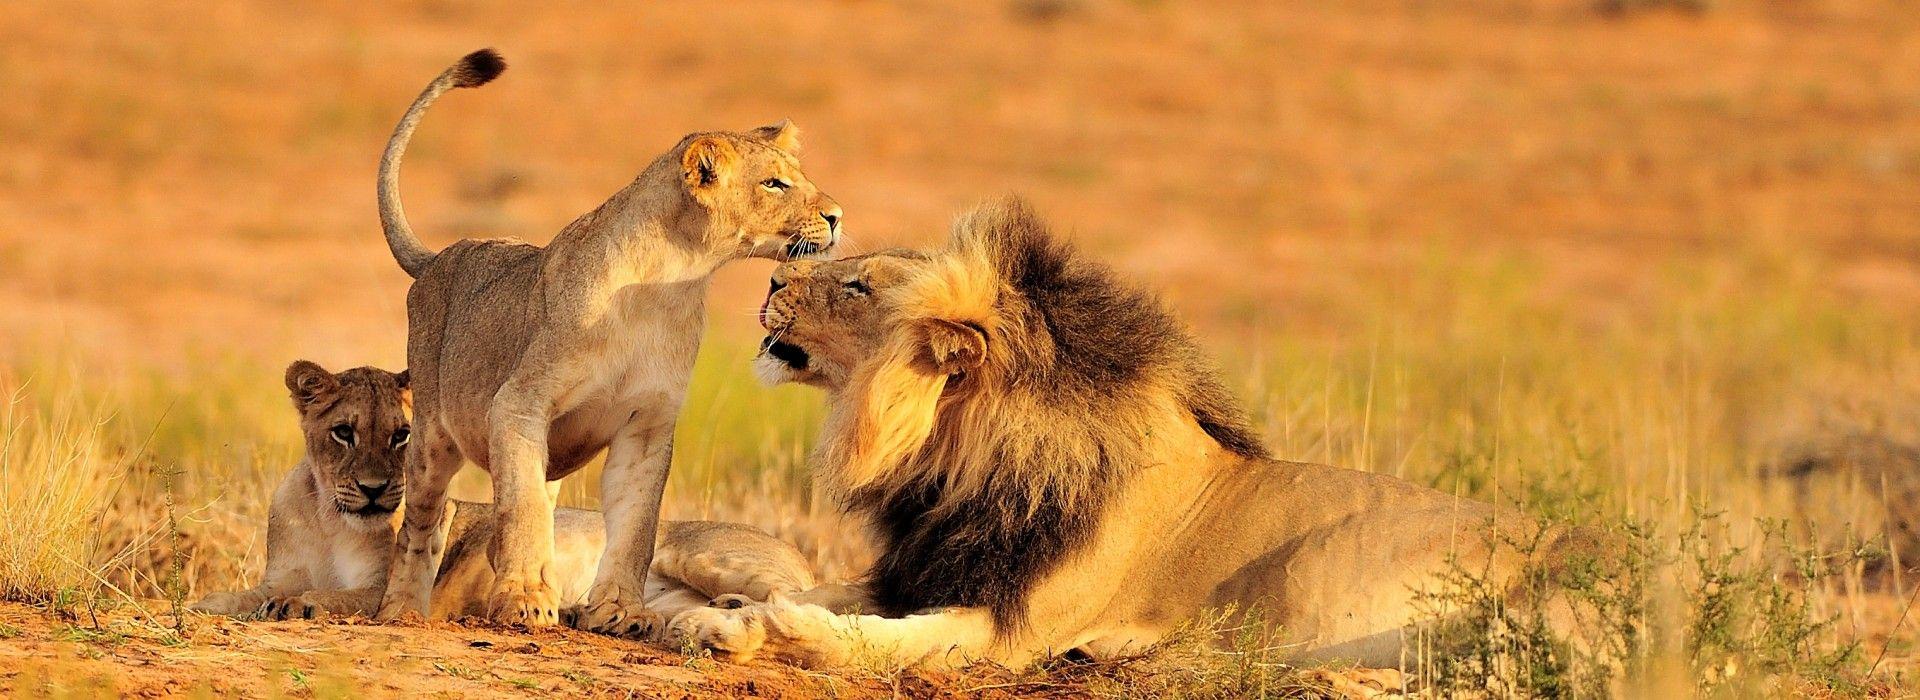 Explorer Tours in Kruger National Park